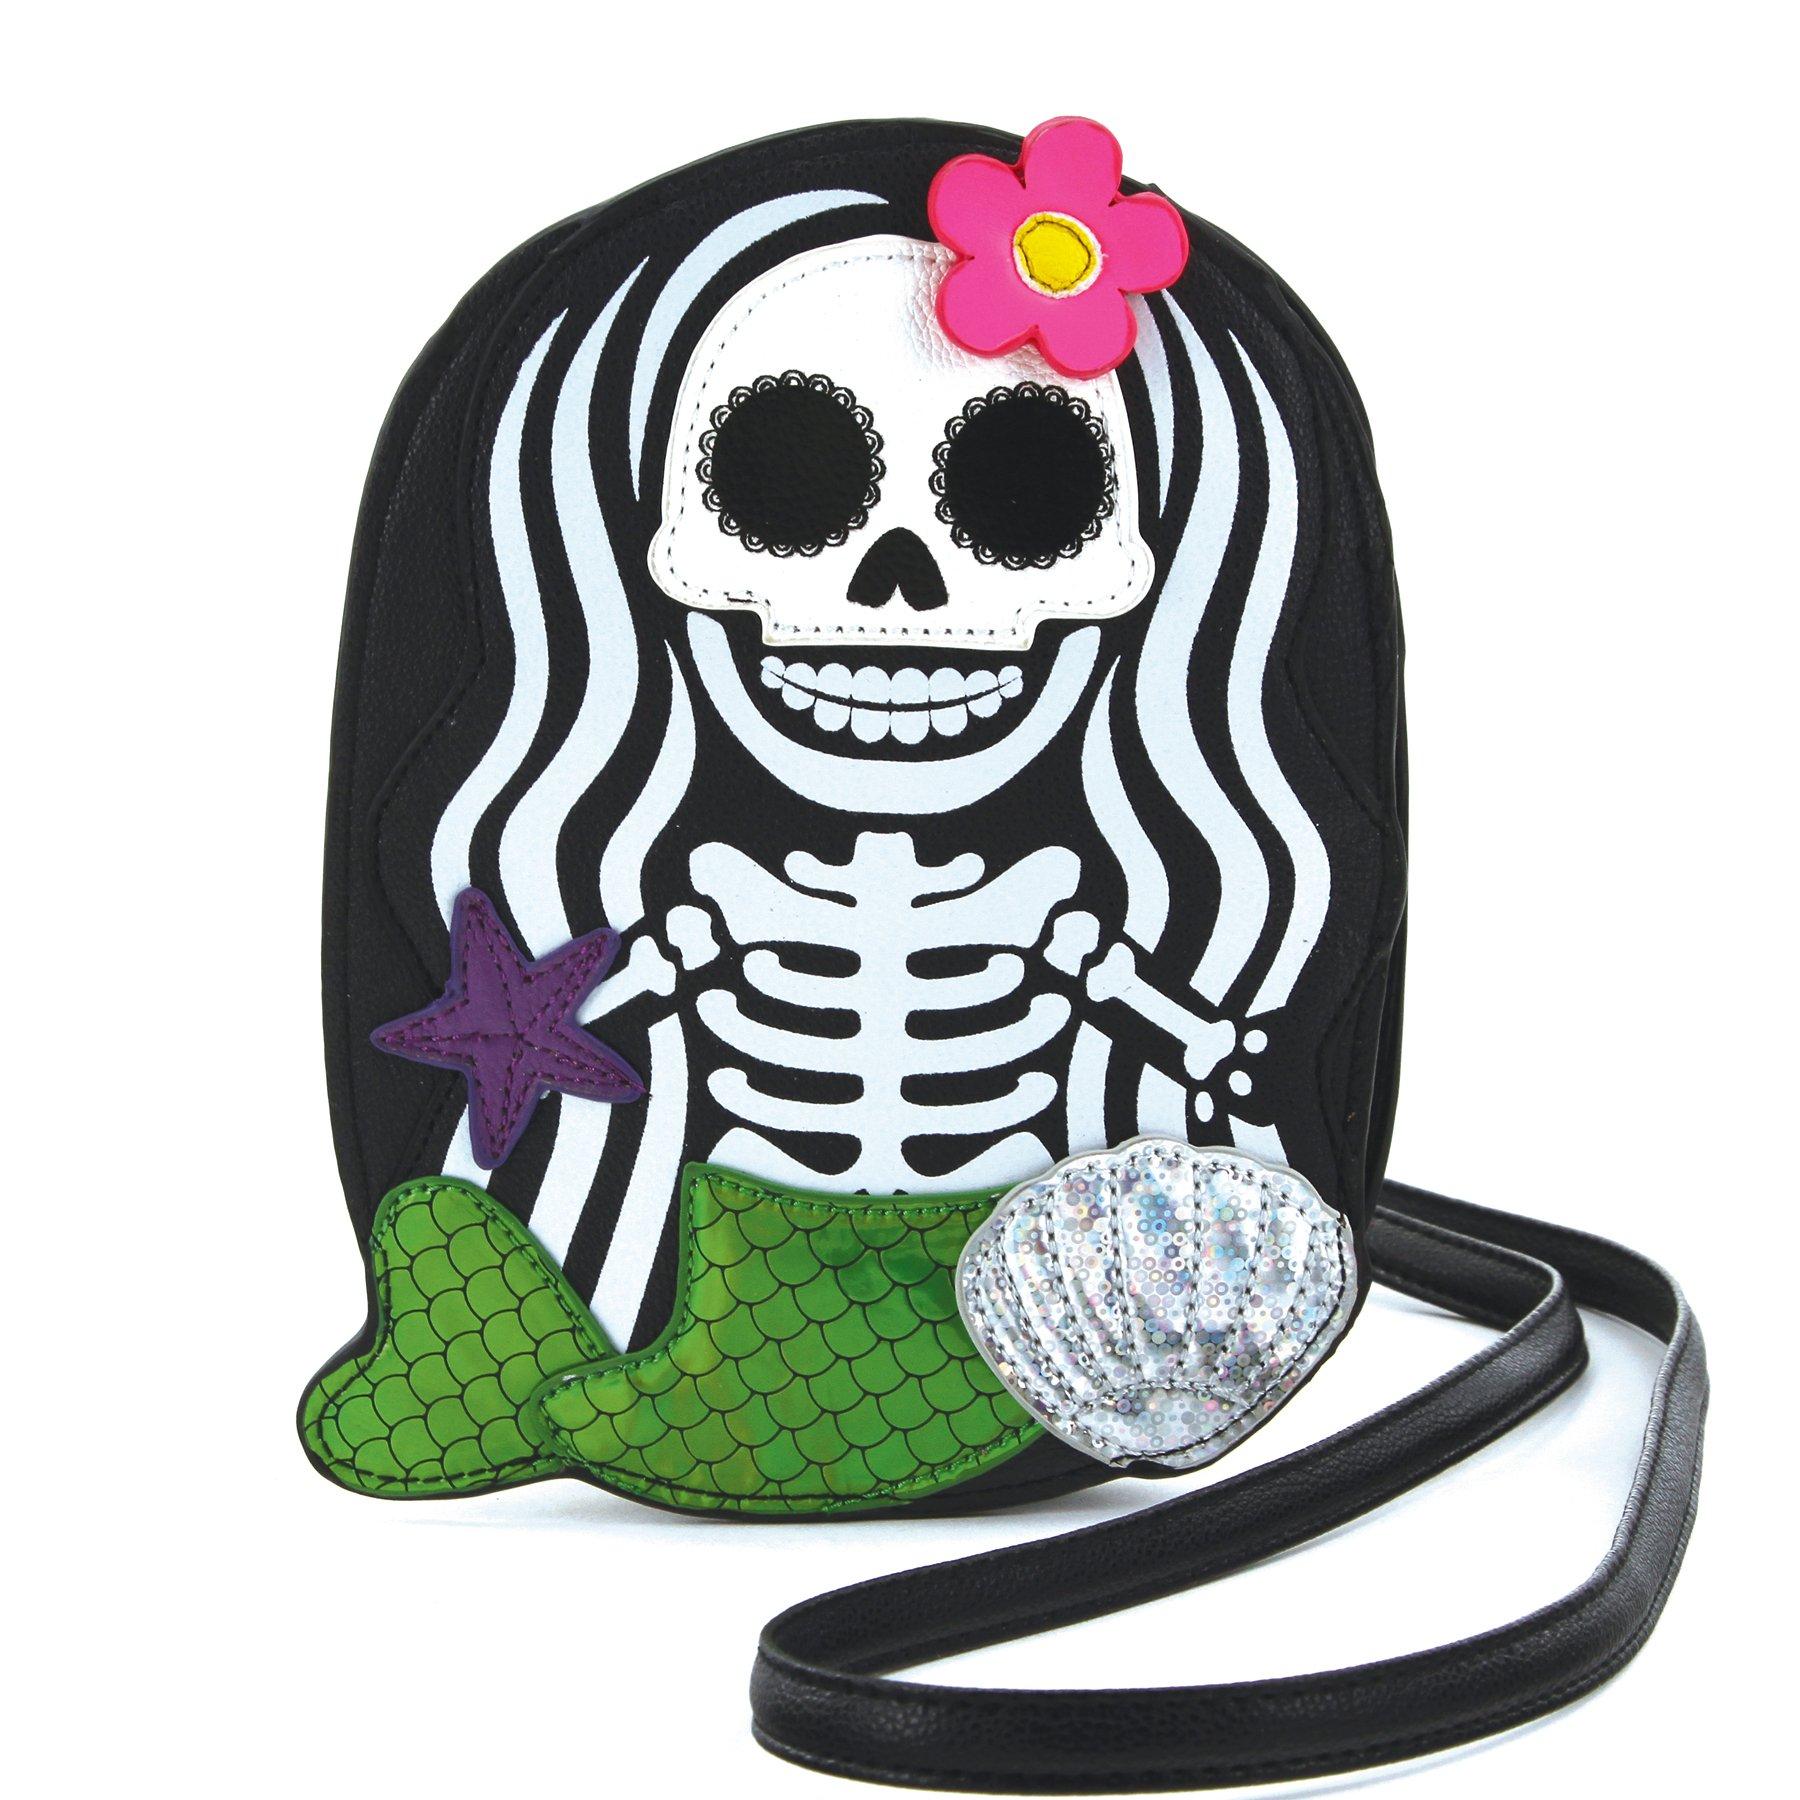 Sleepyville Critters - Skeleton Mermaid Cross Body Bag in Vinyl Material